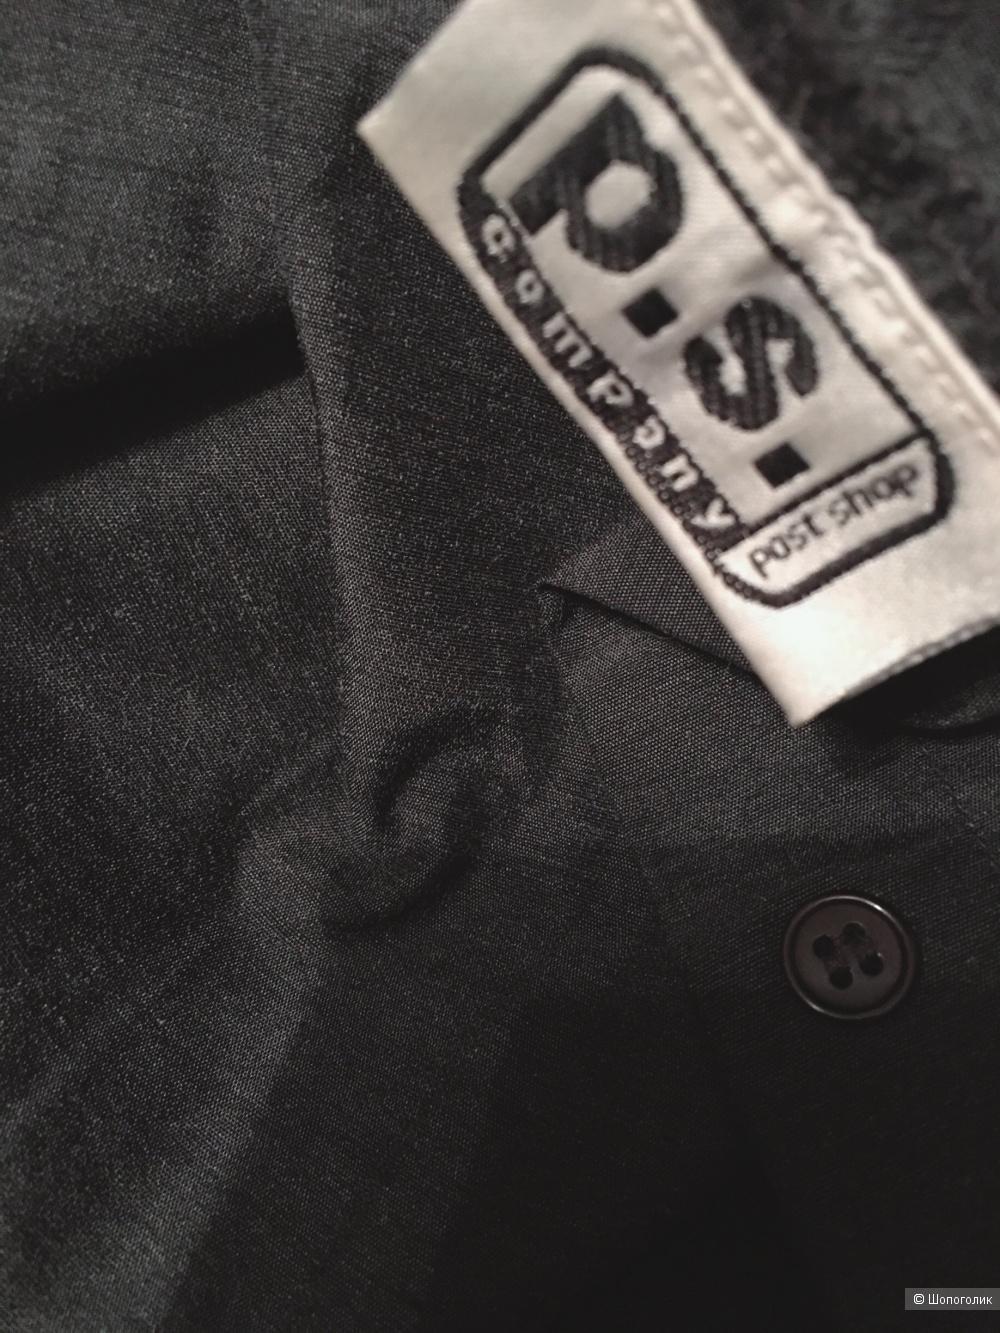 Рубашка Company. Размер 40.